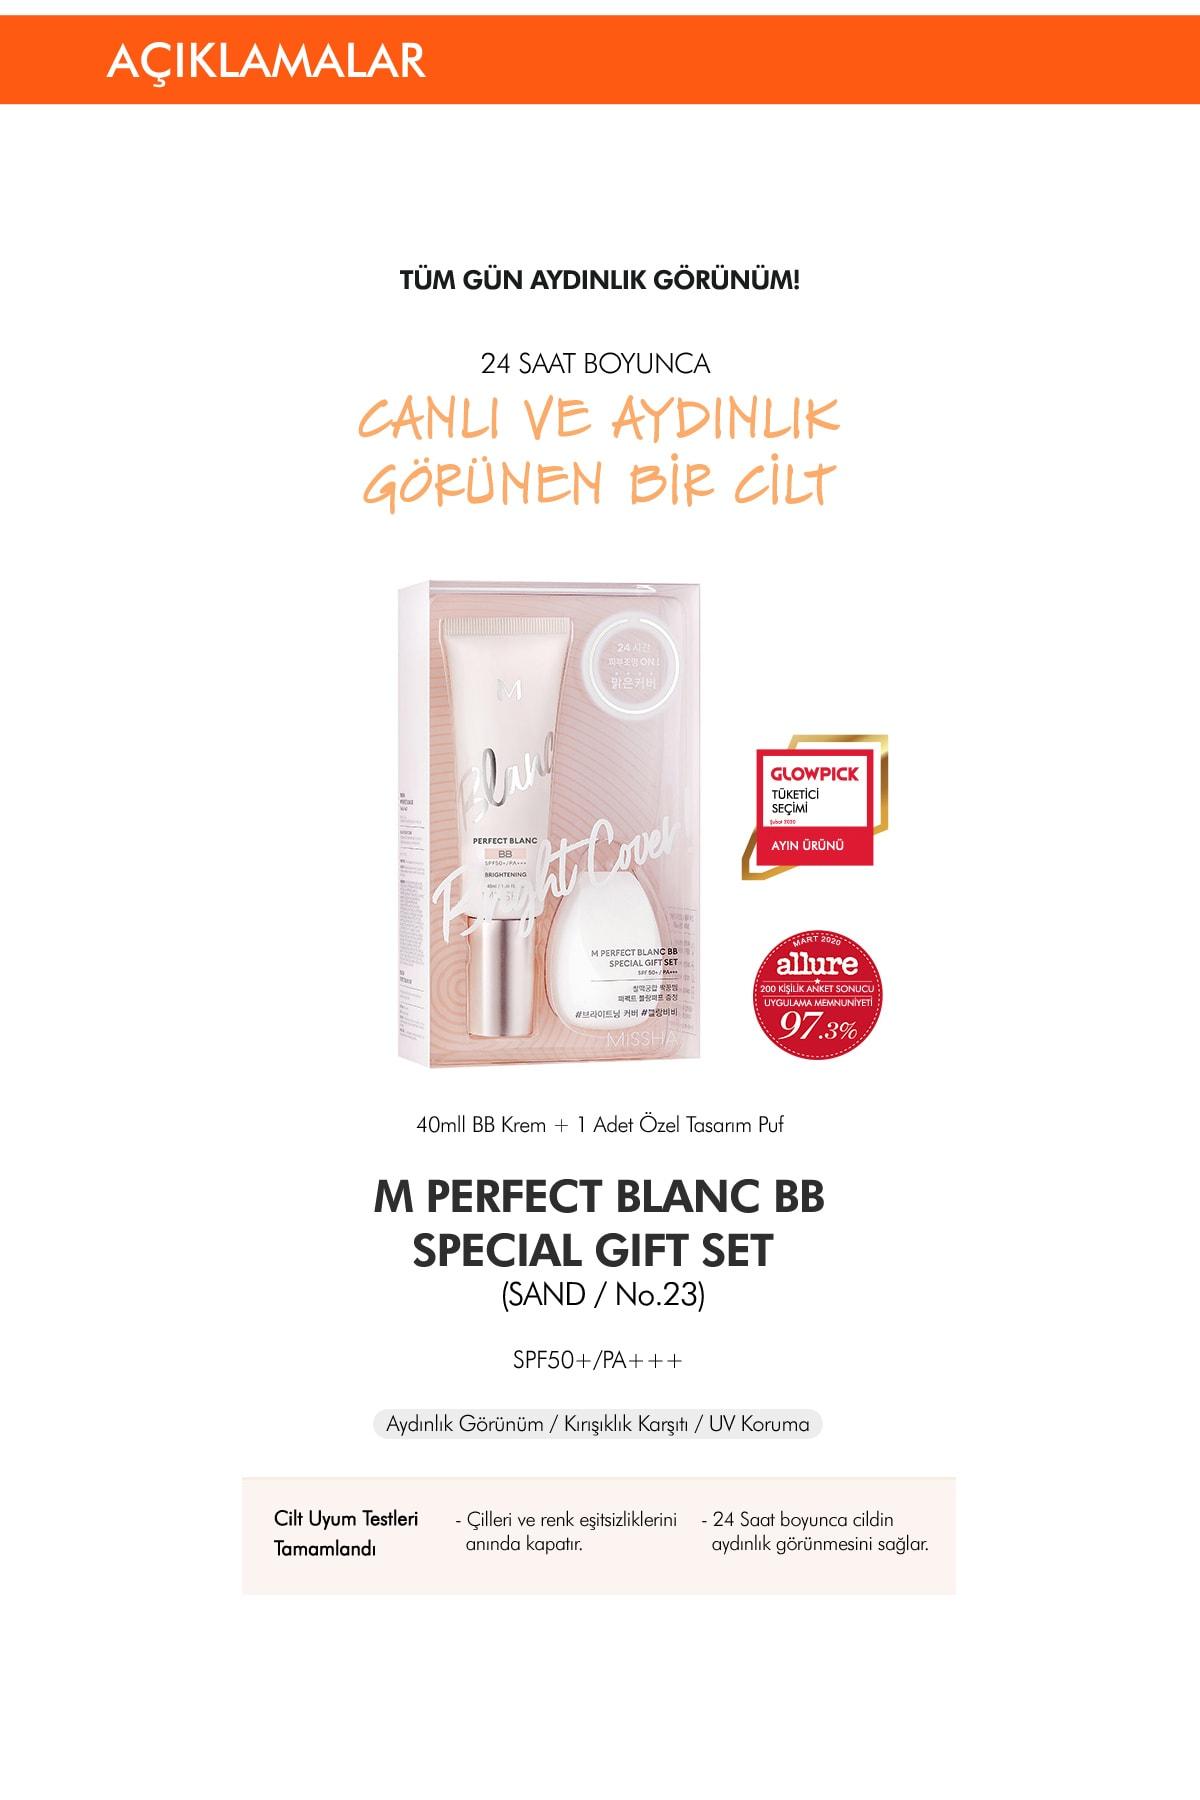 Missha Ton Eşitleyen Aydınlatıcı BB Krem Seti 40ml+1pcs M Perfect Blanc BB Special Gift Set (Vanilla/No.23) 1